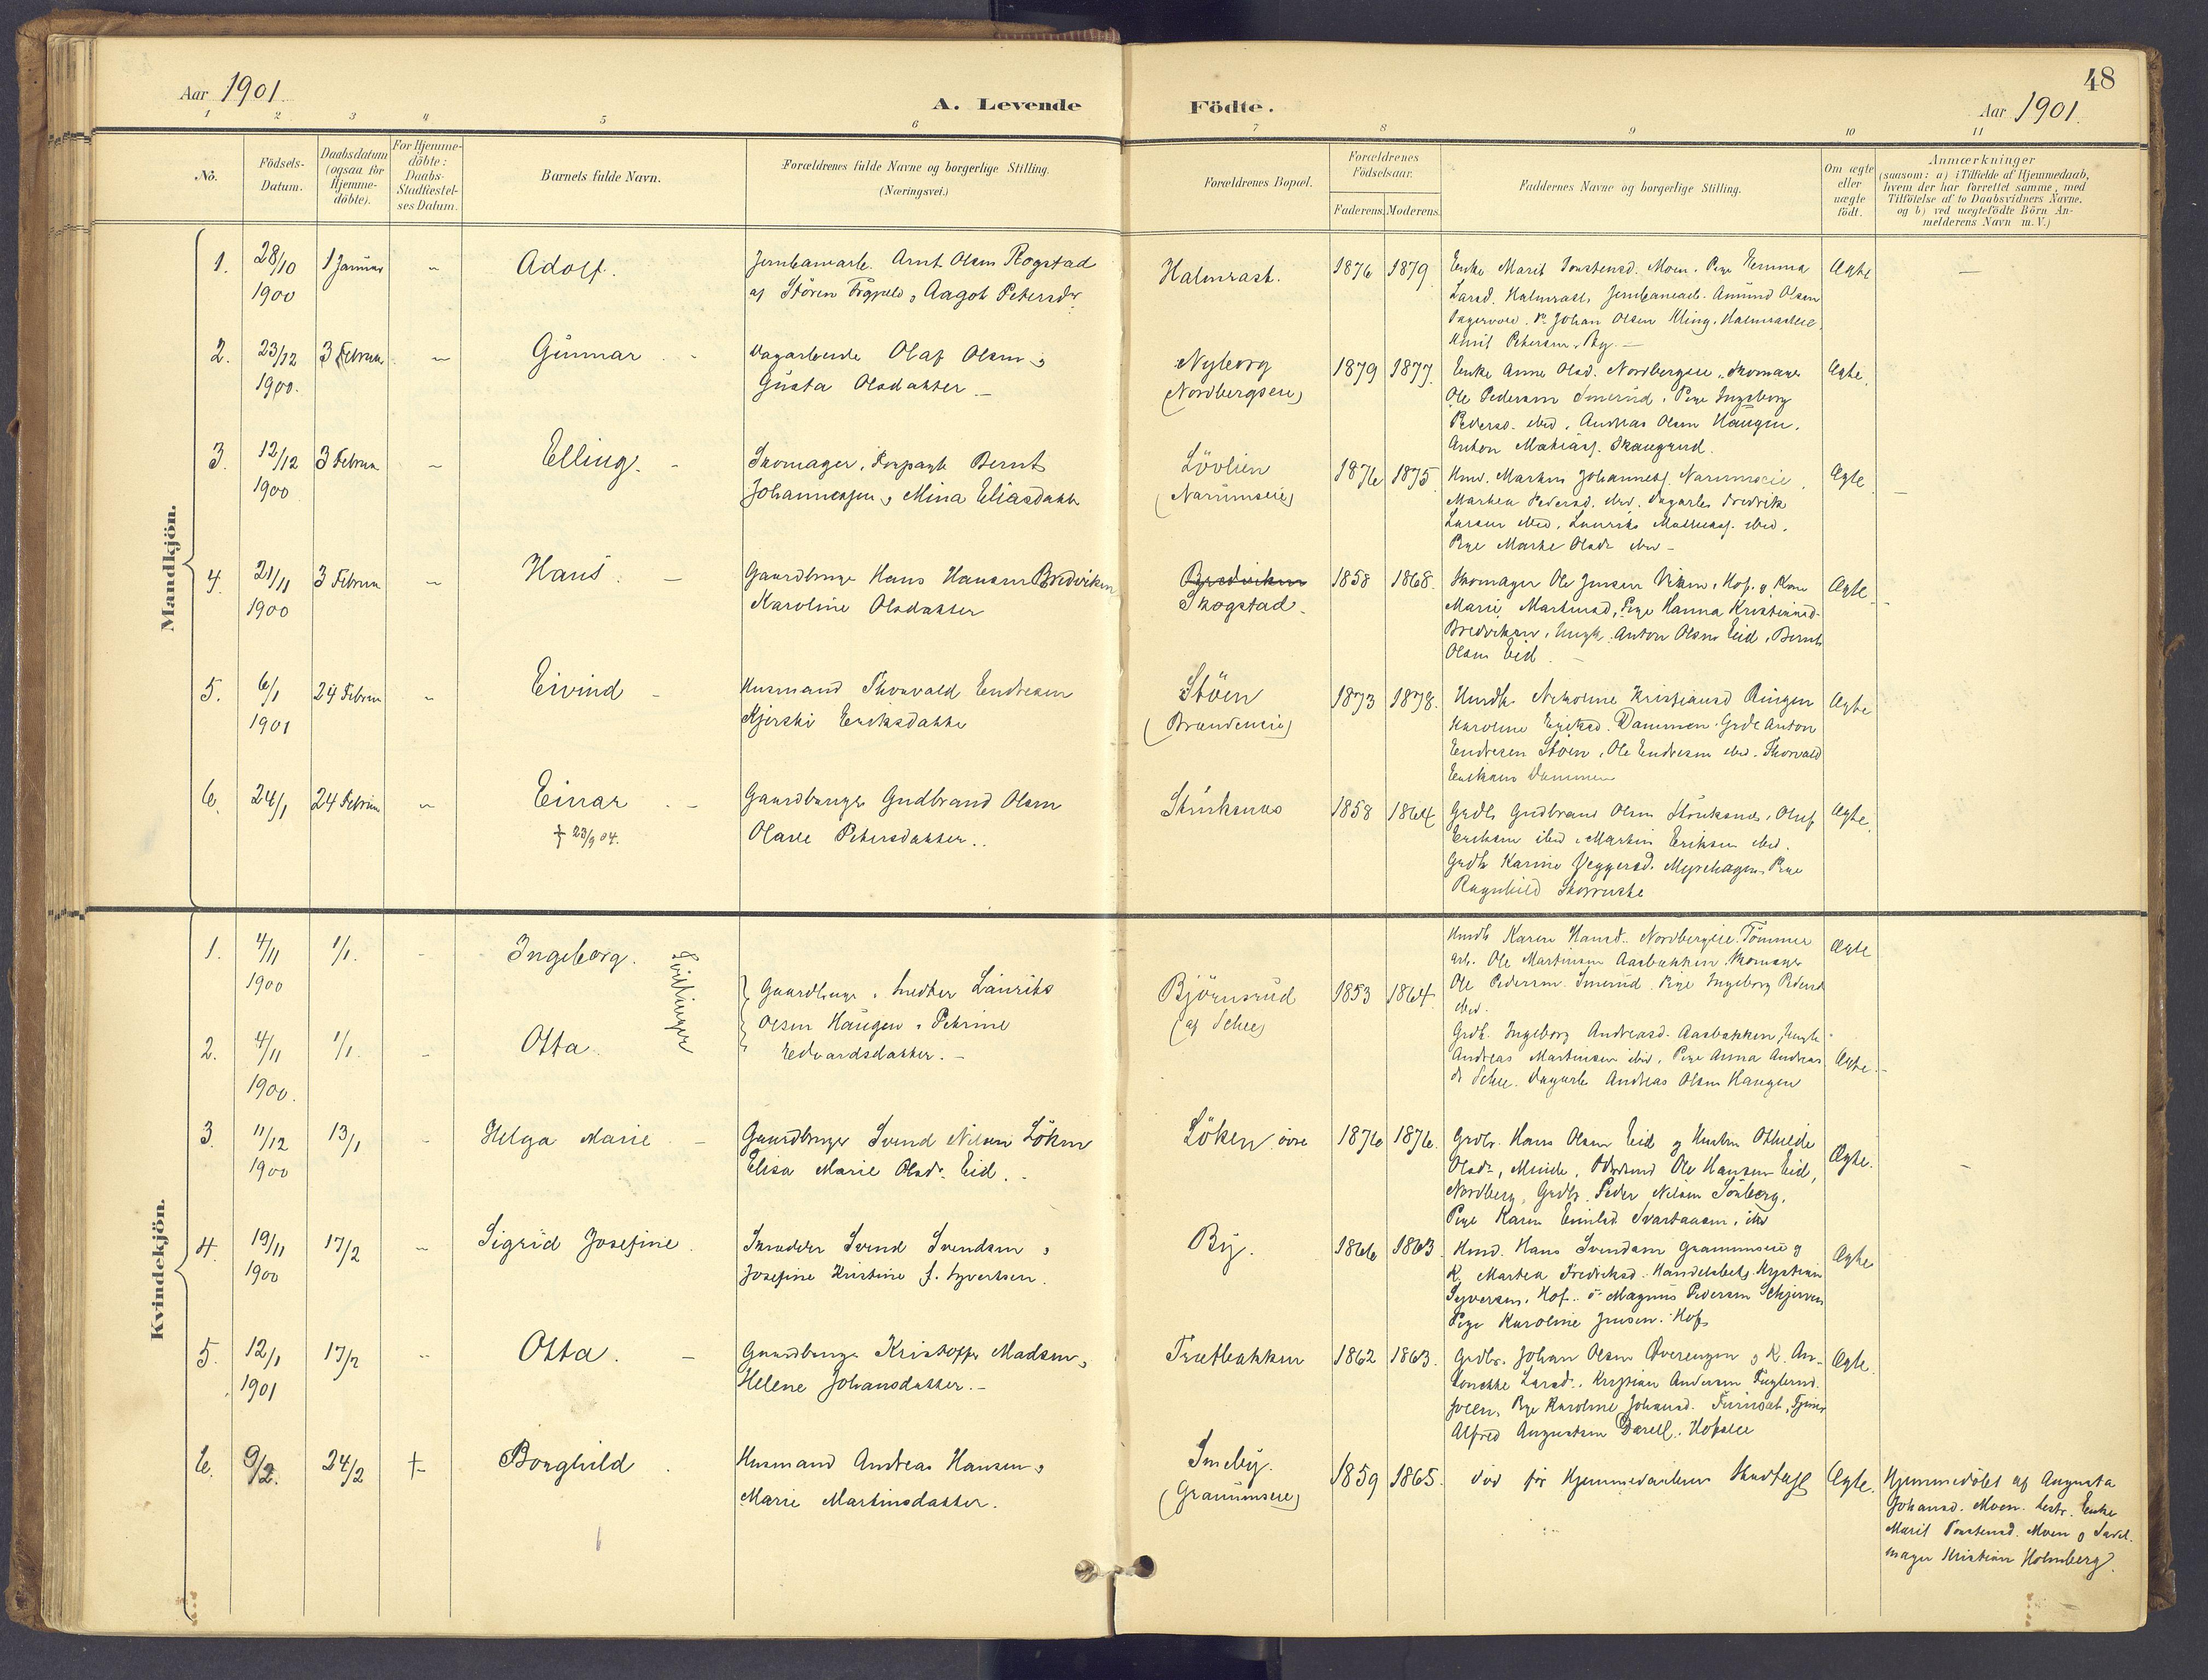 SAH, Søndre Land prestekontor, K/L0006: Ministerialbok nr. 6, 1895-1904, s. 48